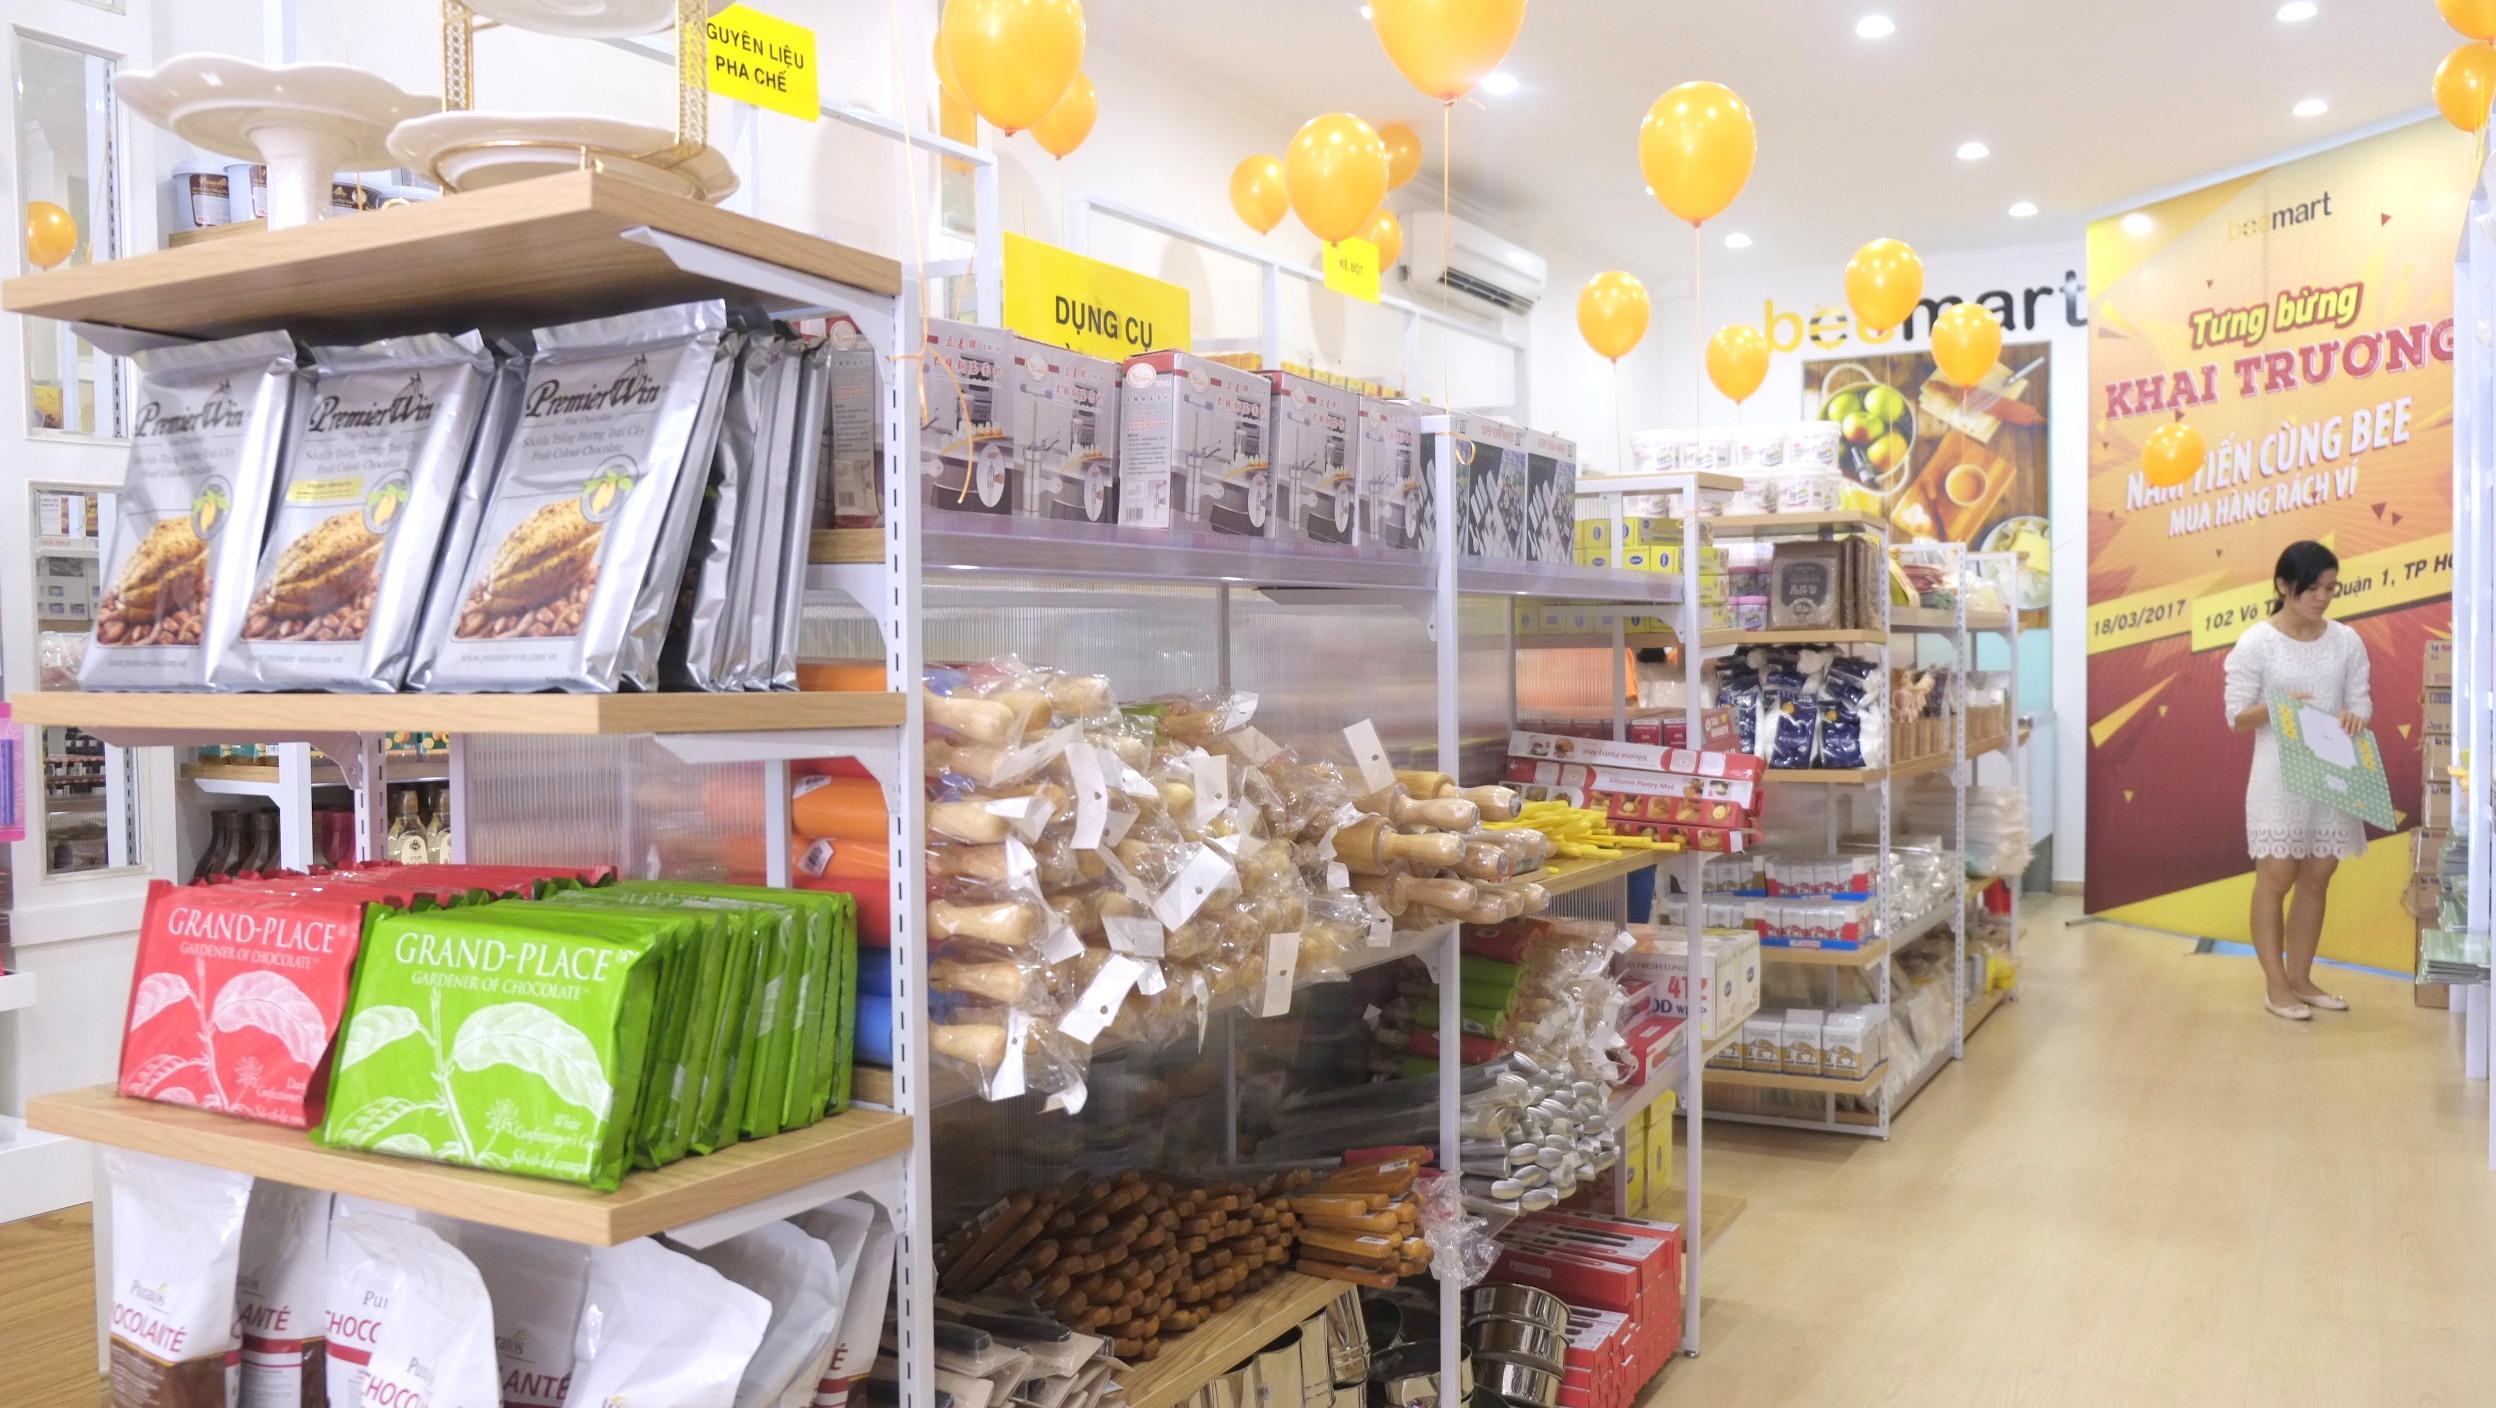 siêu thị đồ làm bánh tại tp. hcm